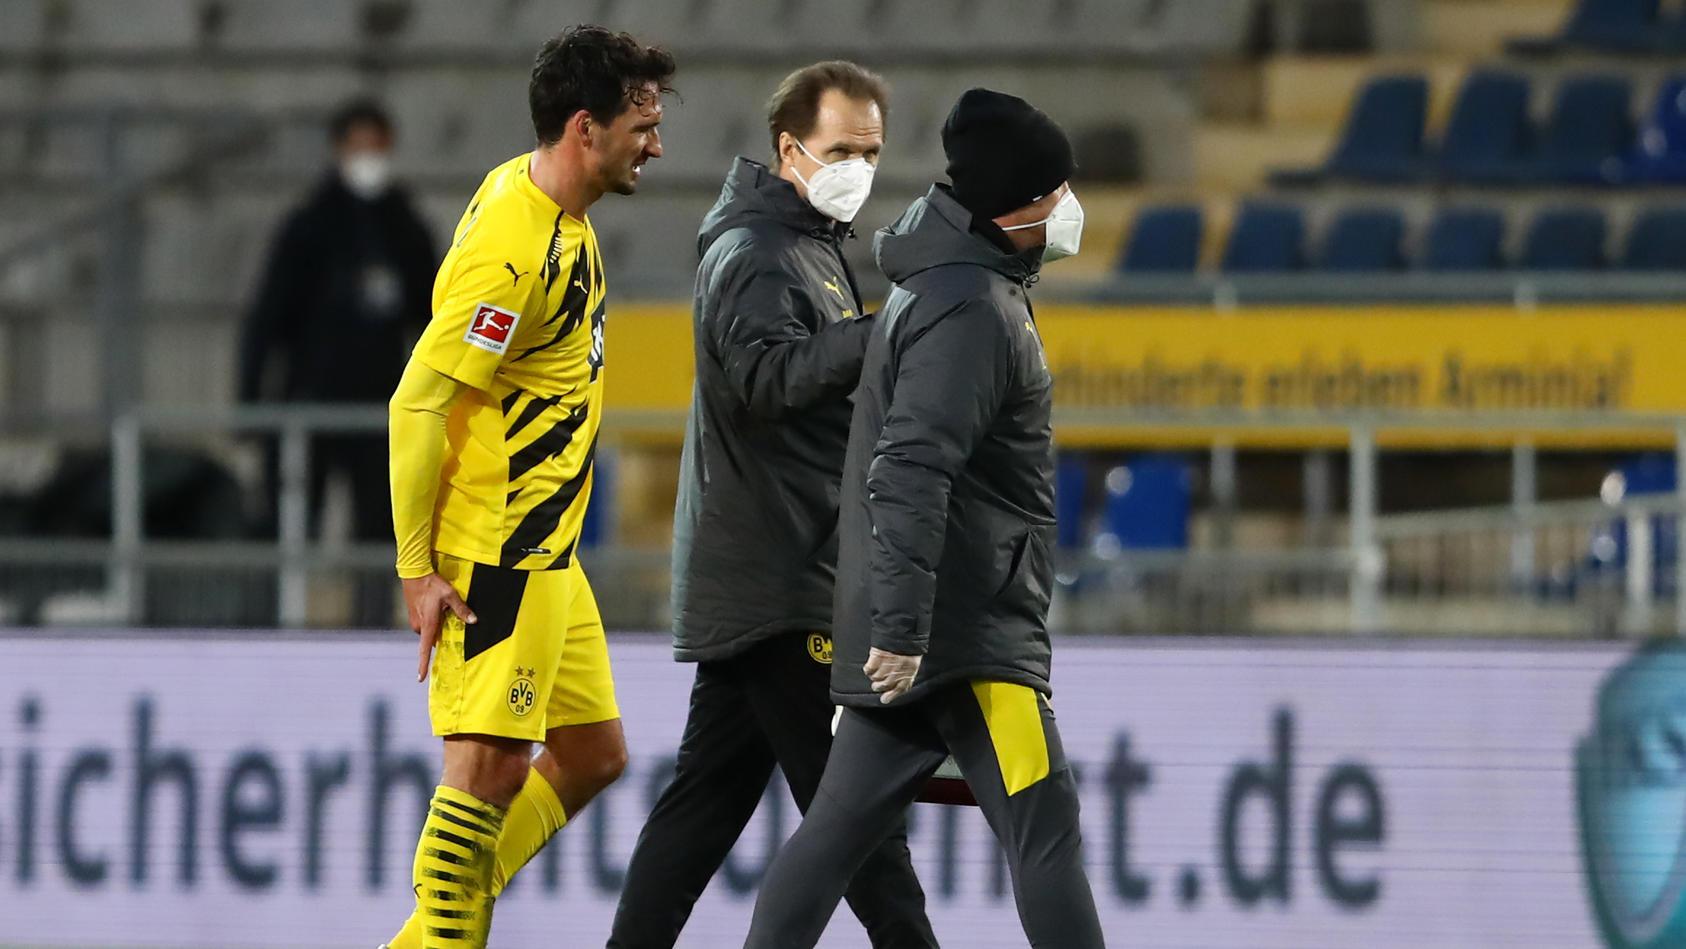 Mats Hummels geht mit Schmerzen vom Platz.